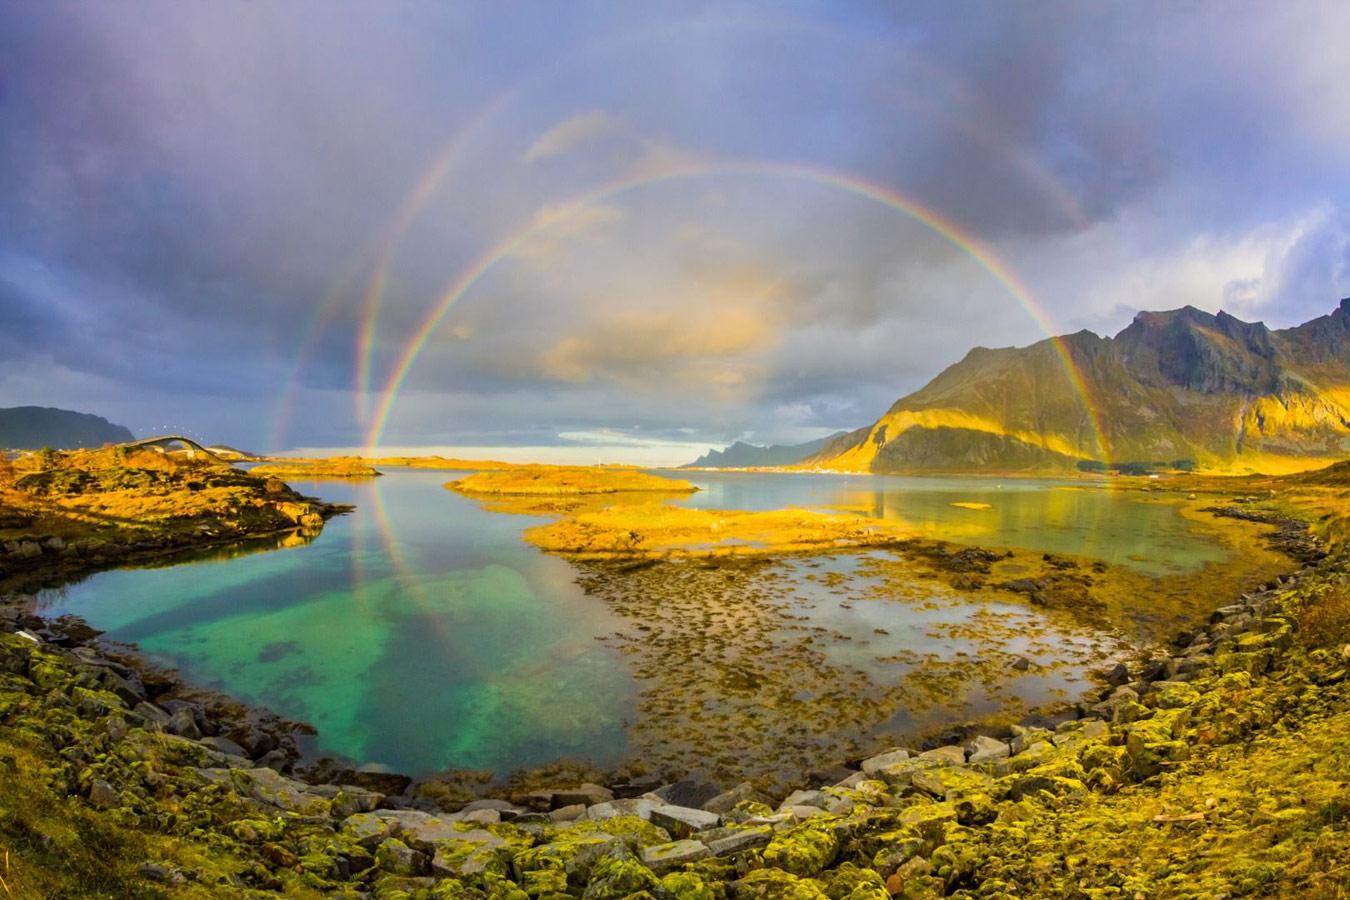 Отражение лука, © Карлос Кастильехо, Фотоконкурс «Погодный фотограф года» — Weather Photographer of the Year